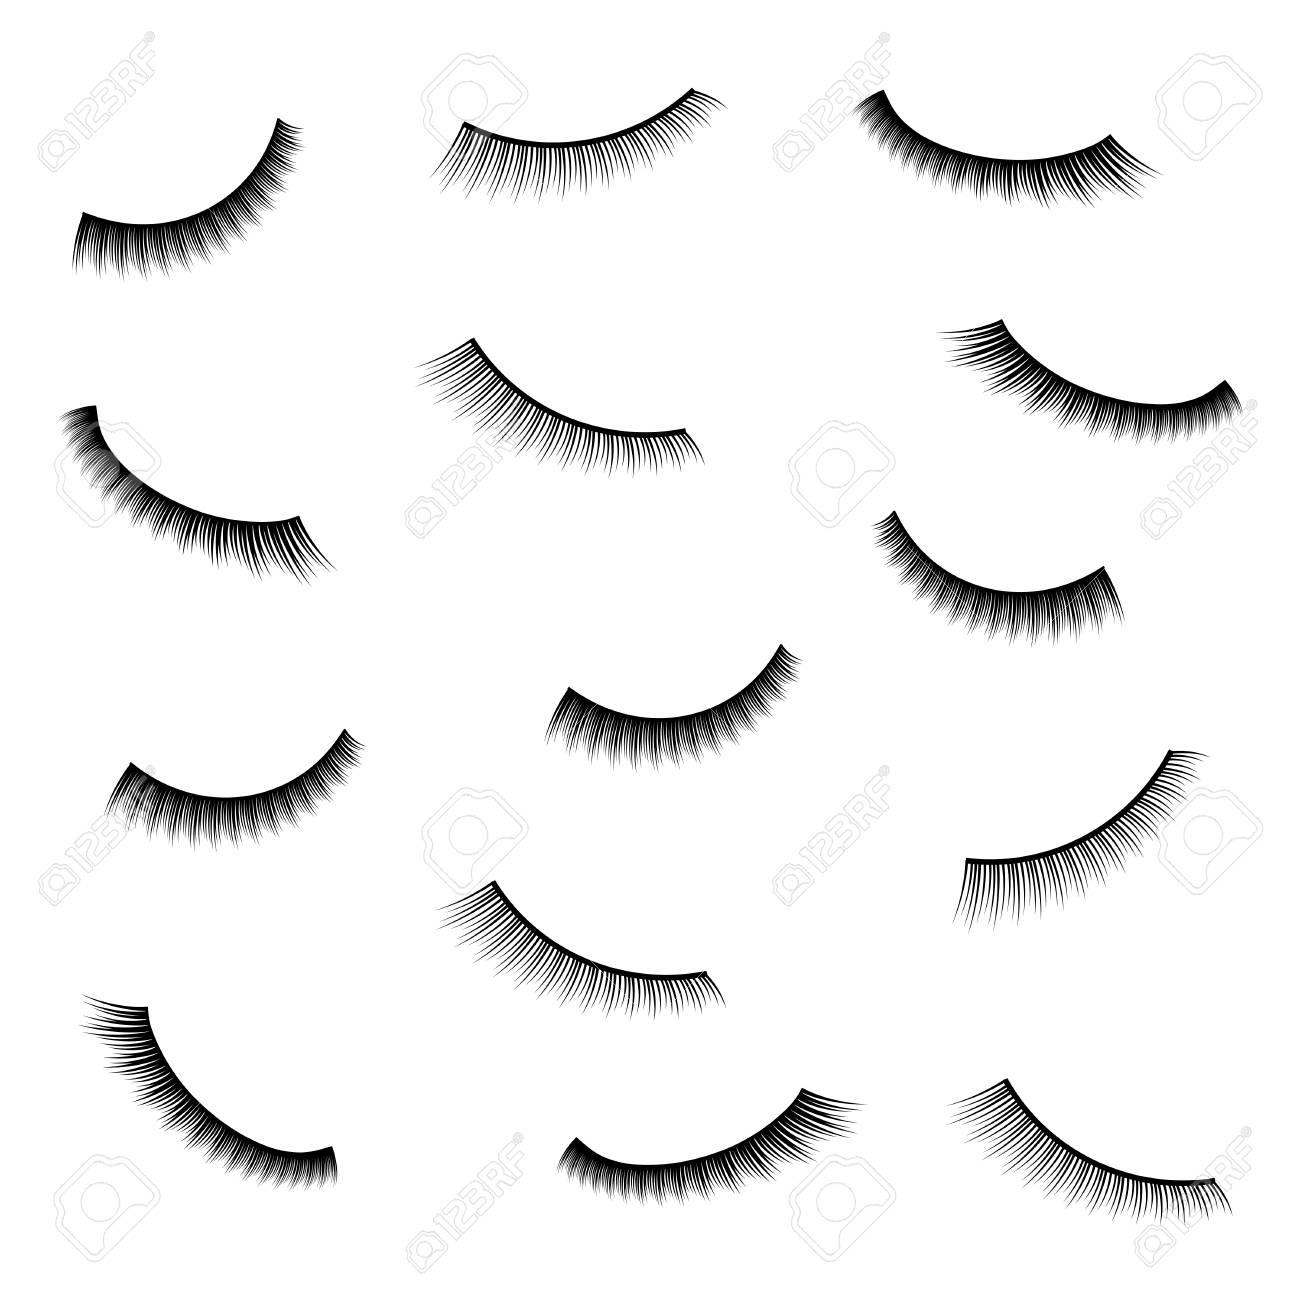 3c66dfa3495 Creative vector illustration of false eyelashes, female lashes, mascara lash  brush isolated on transparent